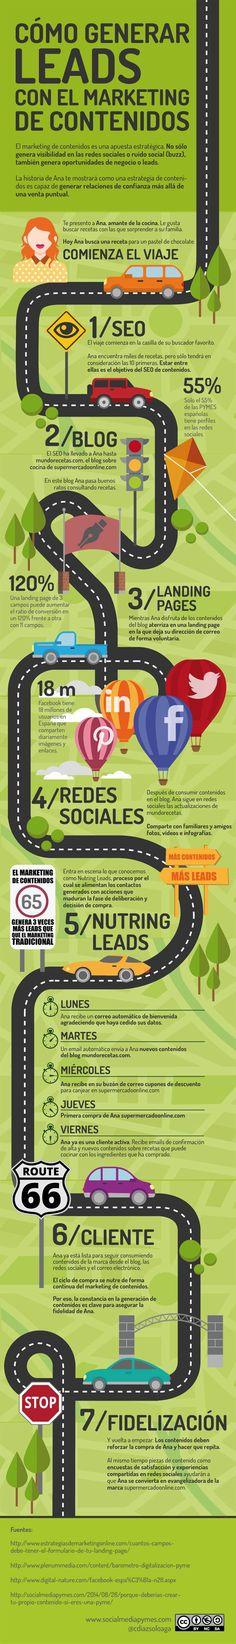 Cómo general leads con el marketing de contenidos #infografia #infographic #marketing